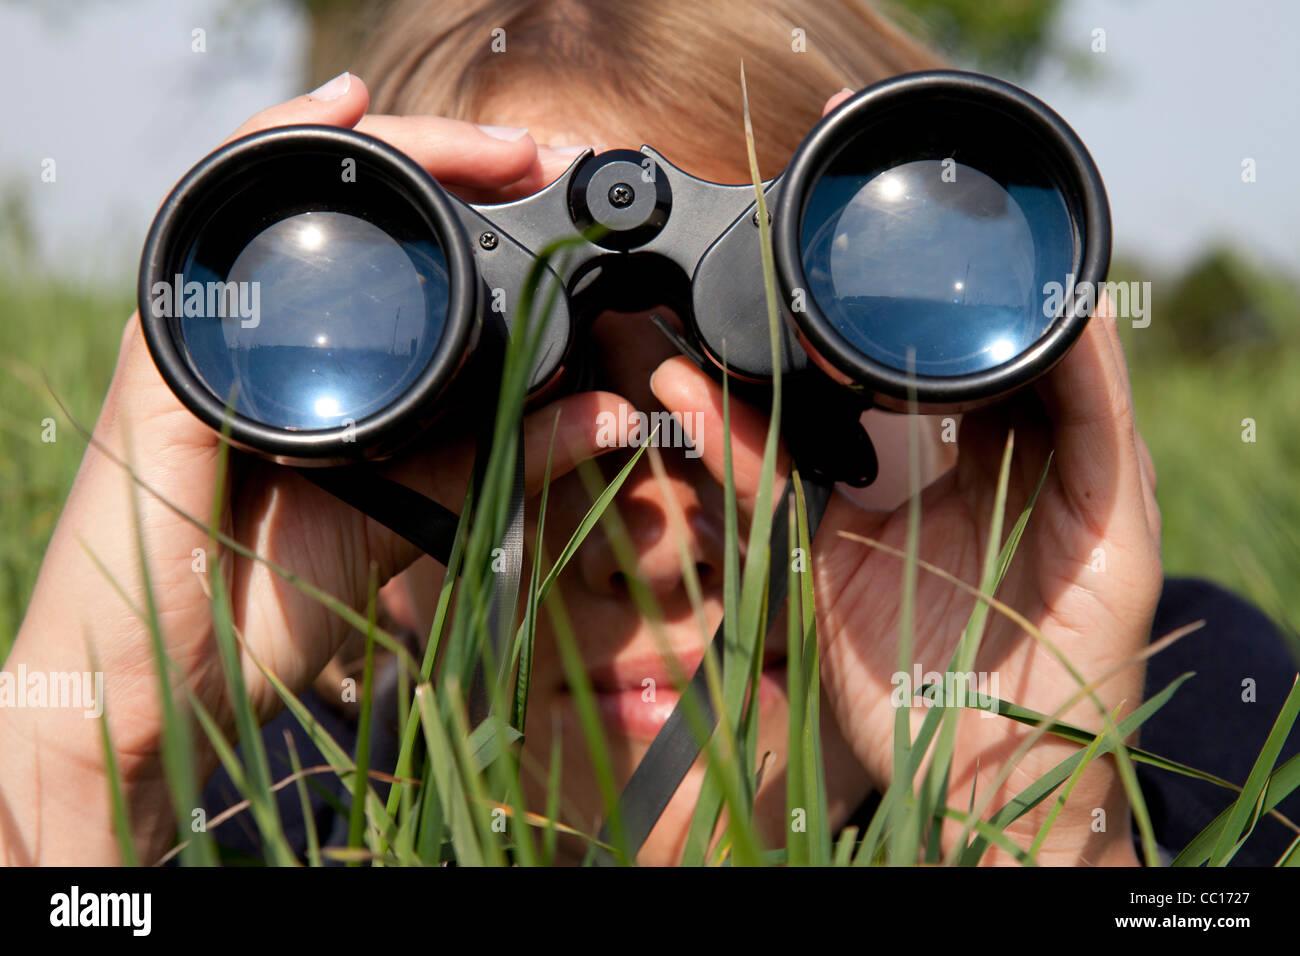 Looking through binoculars - Stock Image